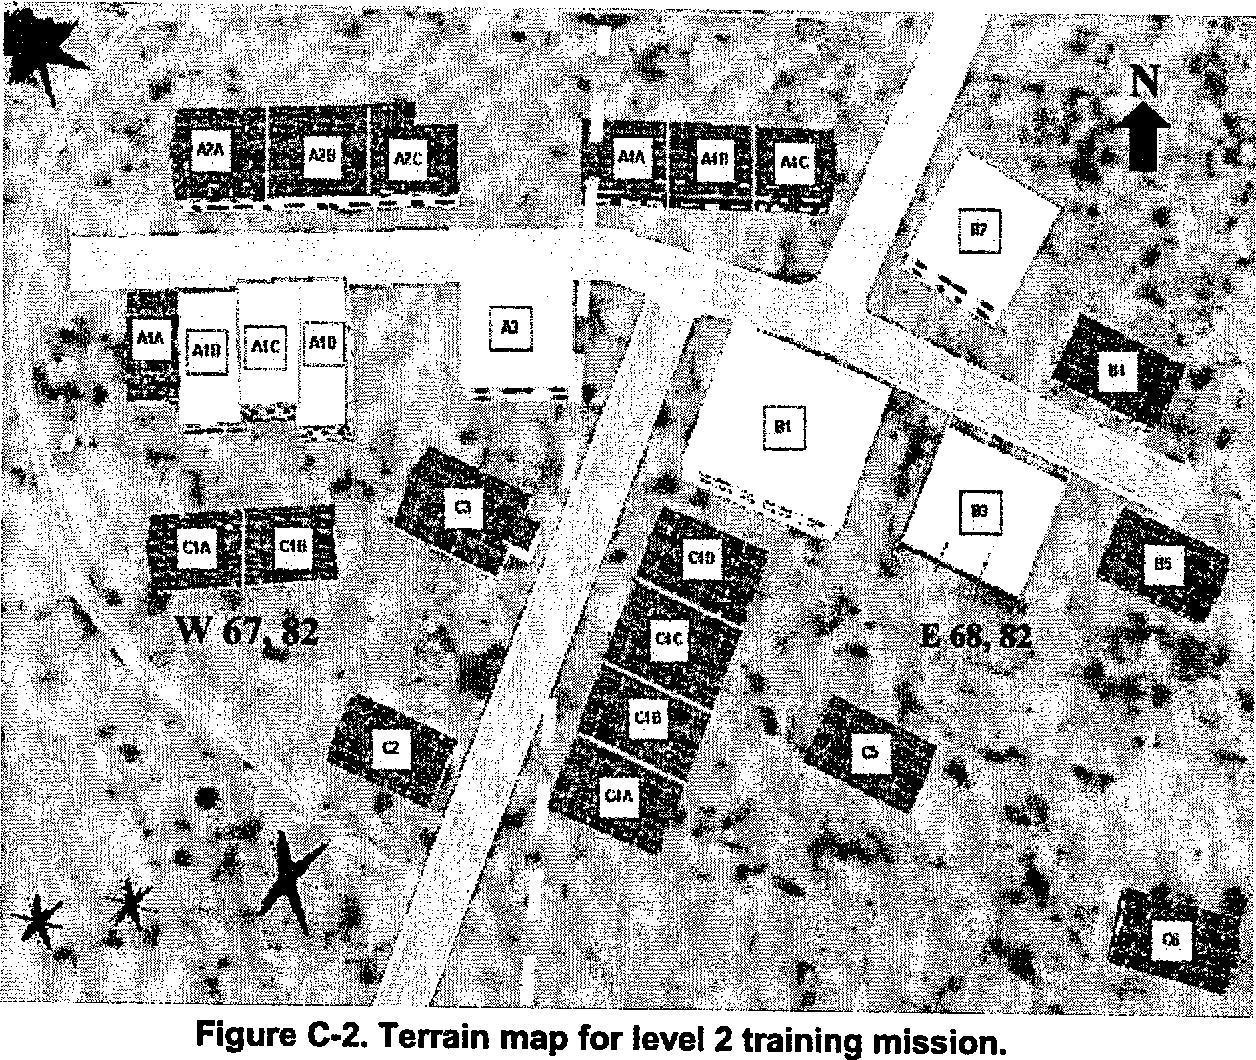 figure C-2